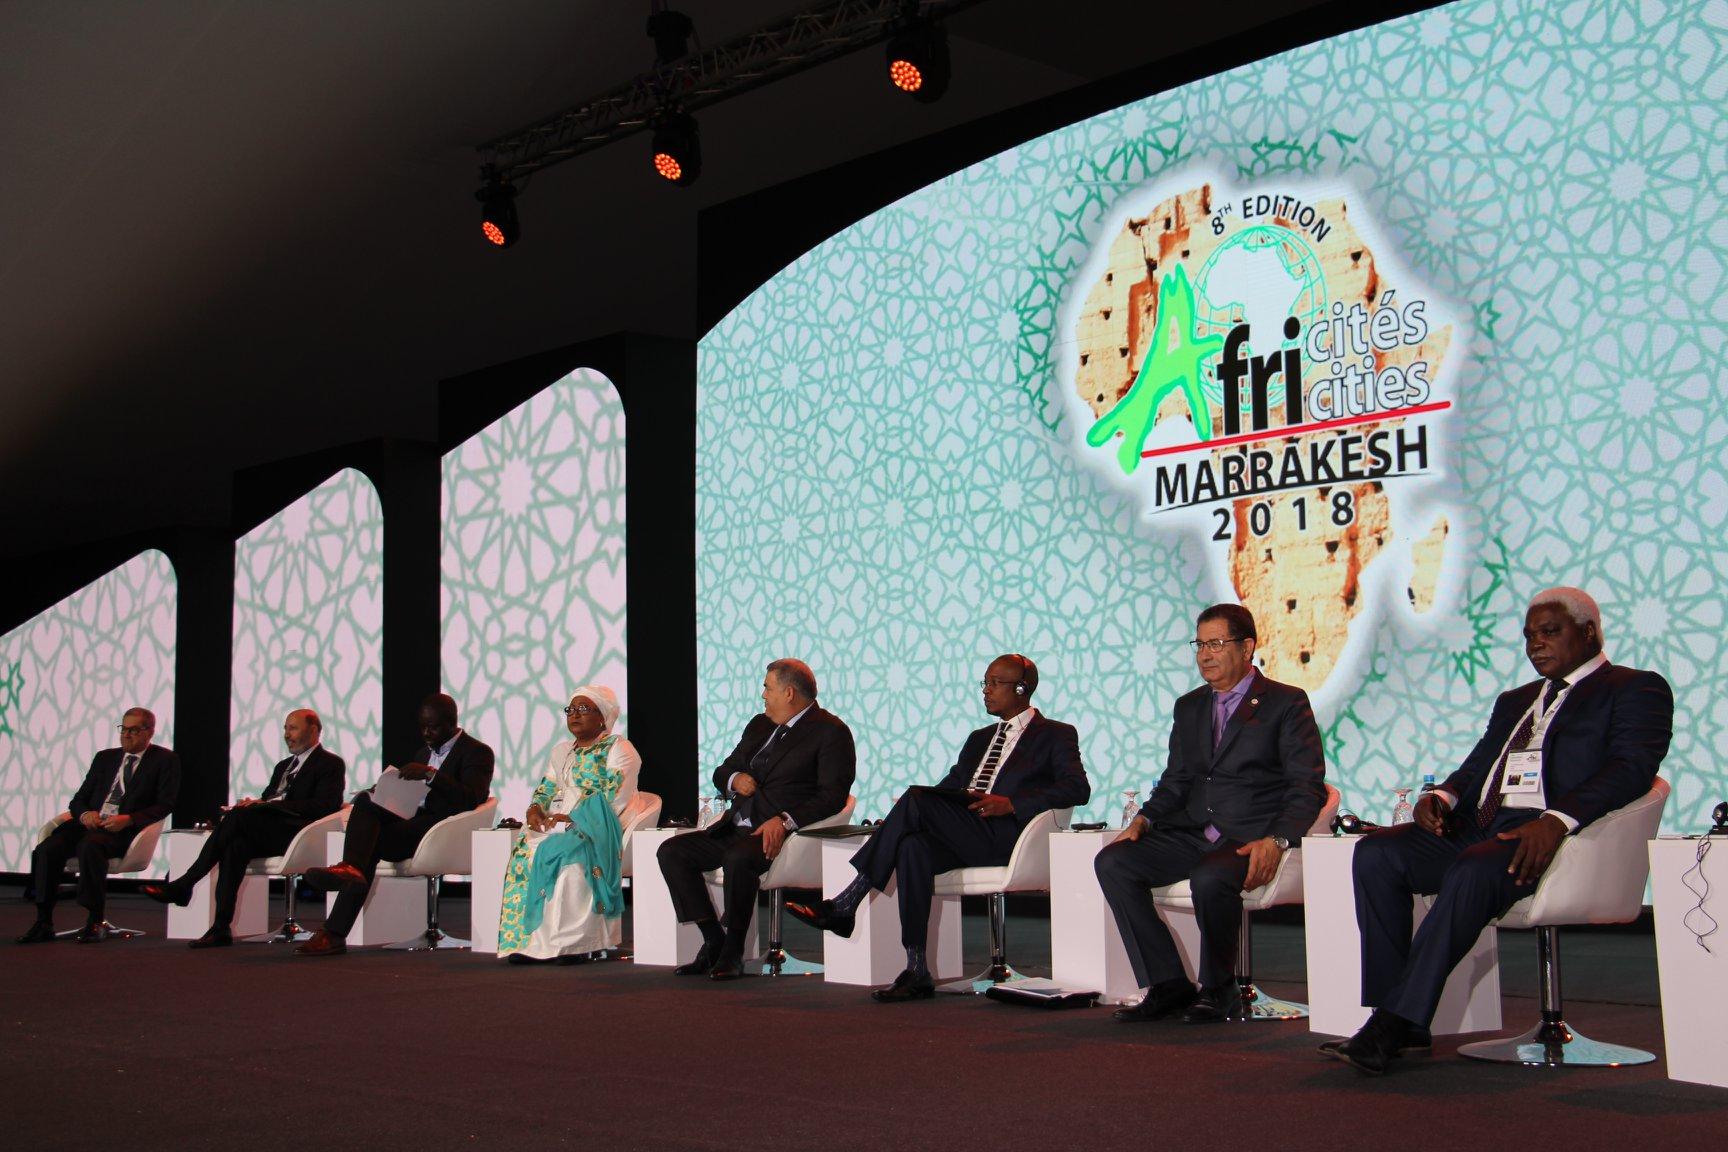 Les villes intelligentes en l'Afrique, ne seraient-elles pas une simple question de temps ?